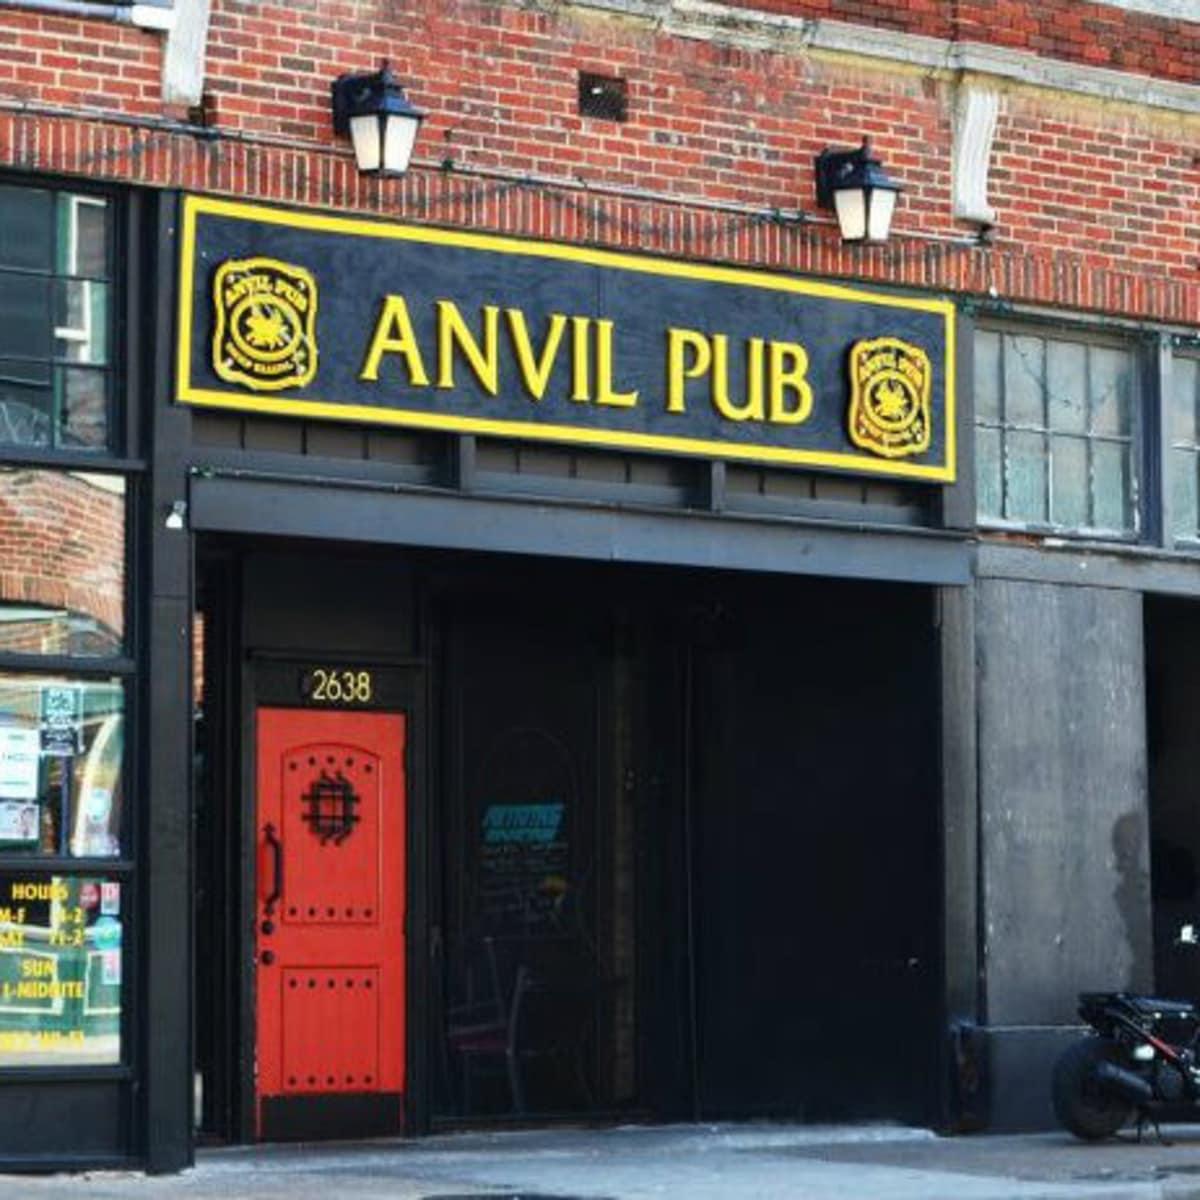 Anvil Pub in Deep Ellum